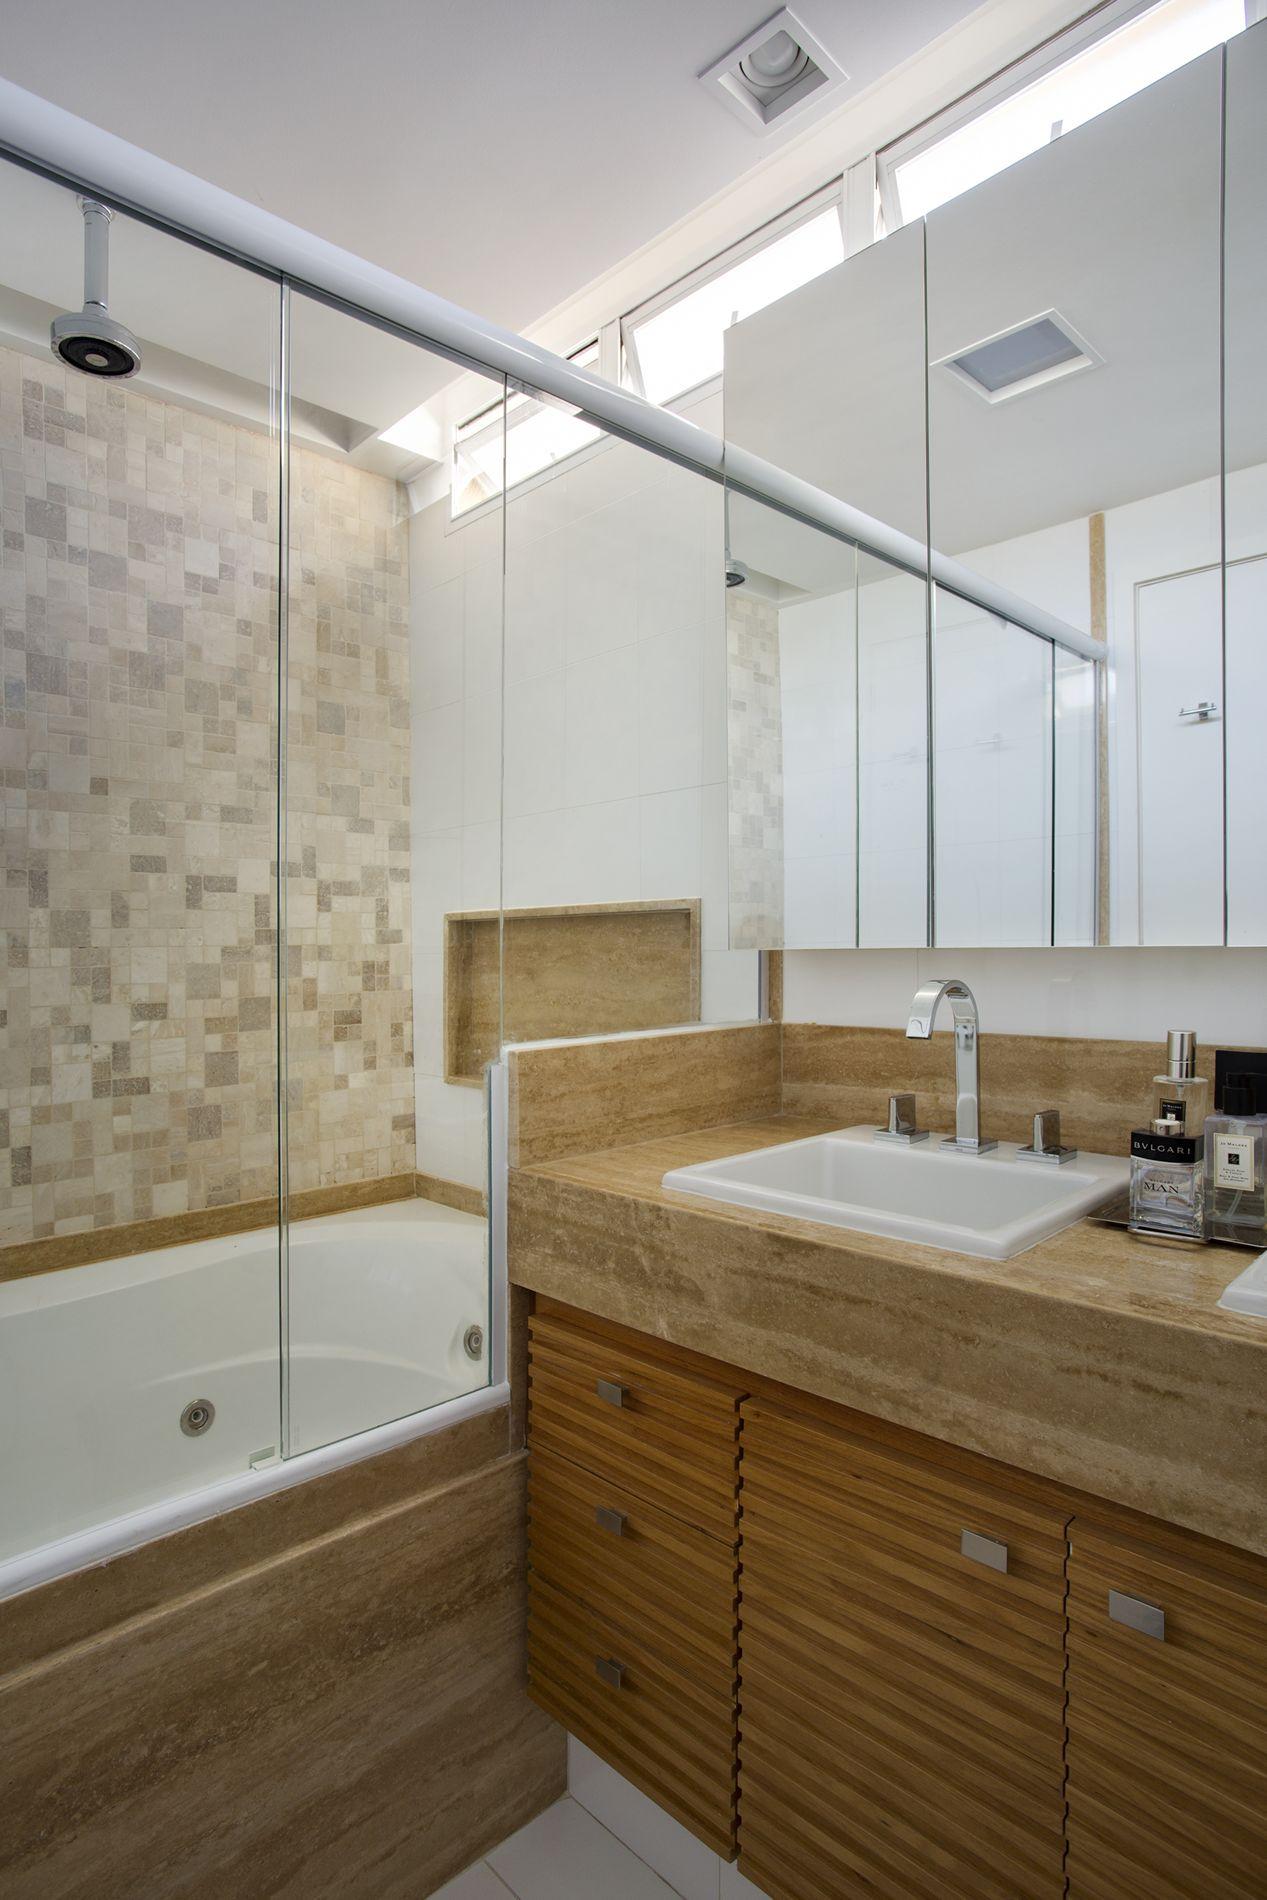 Projeto de Decoração e Arquitetura para Banheiros com Banheiras para  #49351B 1267 1900